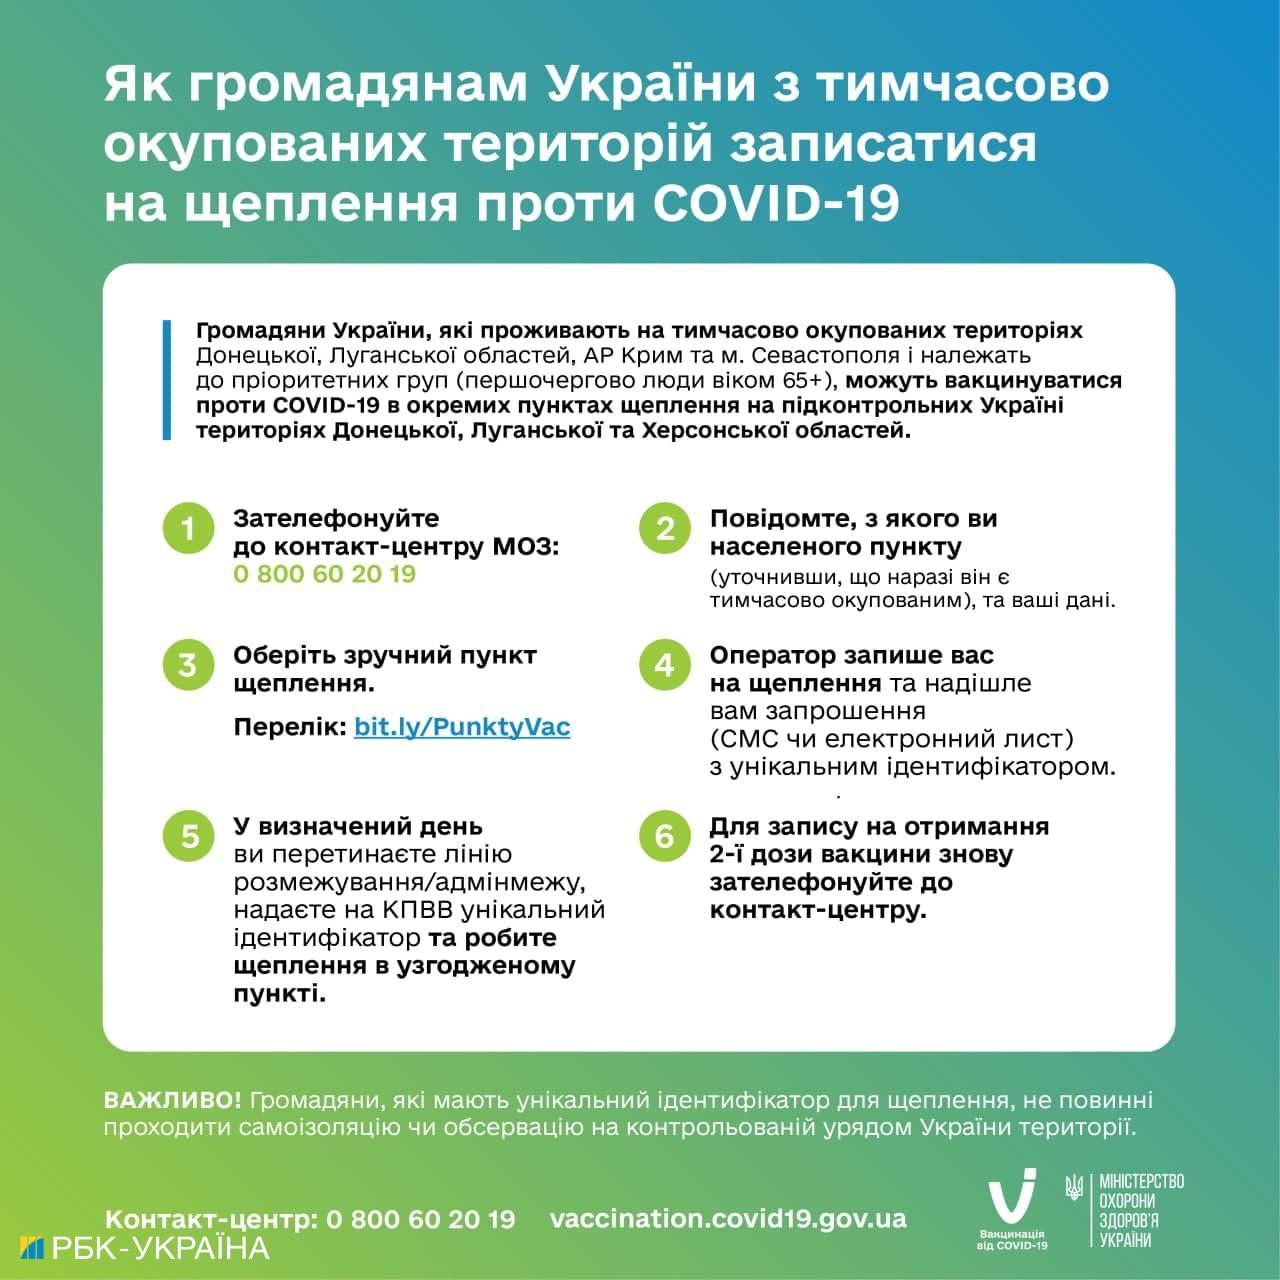 Як зробити щеплення українцям з Криму та ОРДЛО: детальна інструкція МОЗ